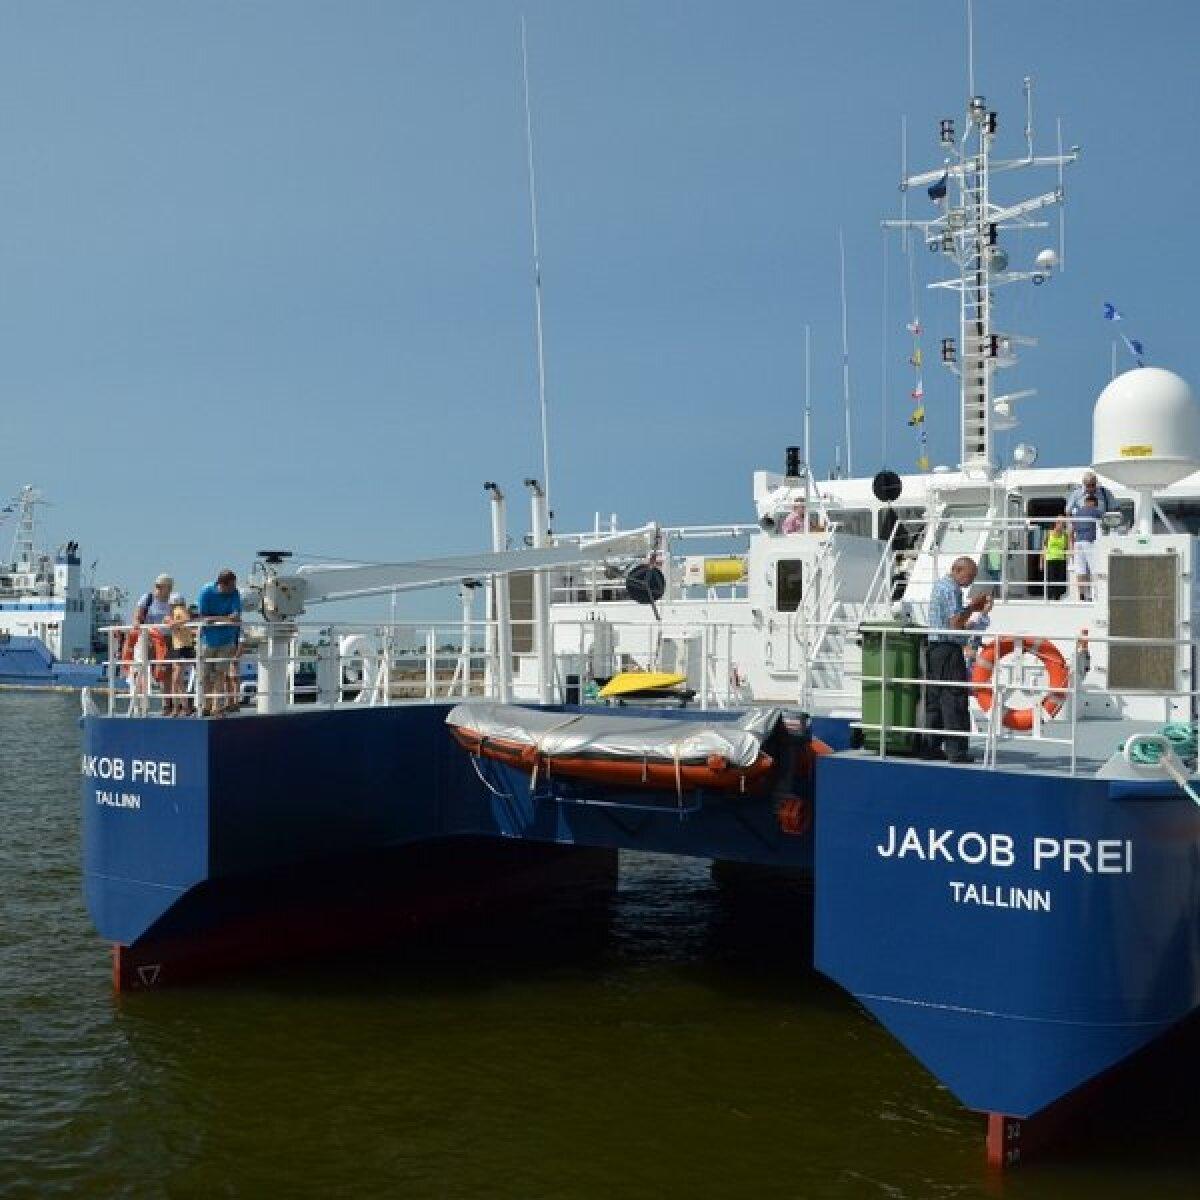 Jakob Prei merepäevadel.